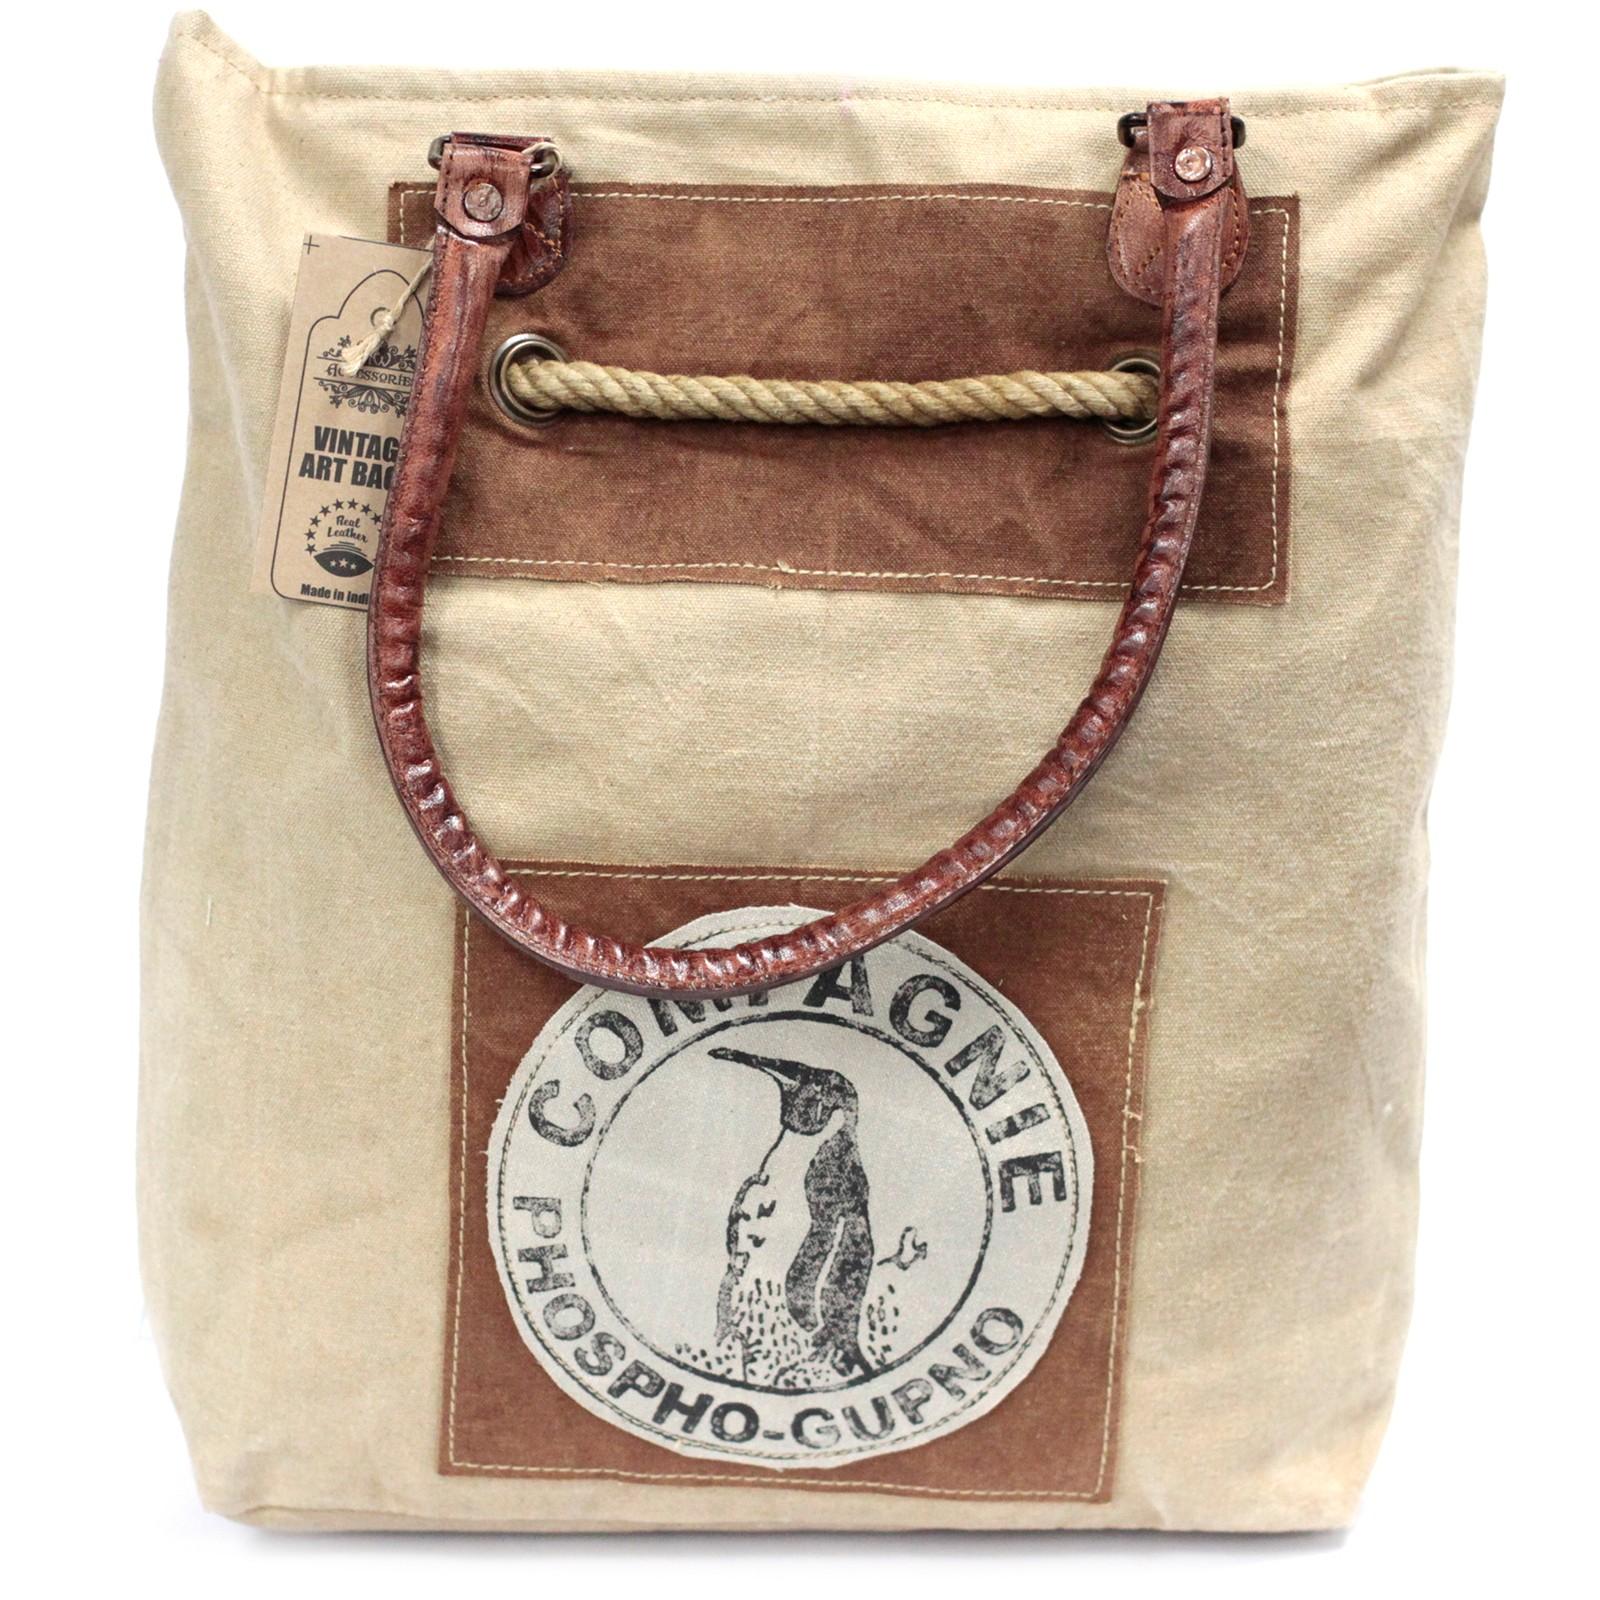 Vintage Bag - Penguin Compagnie